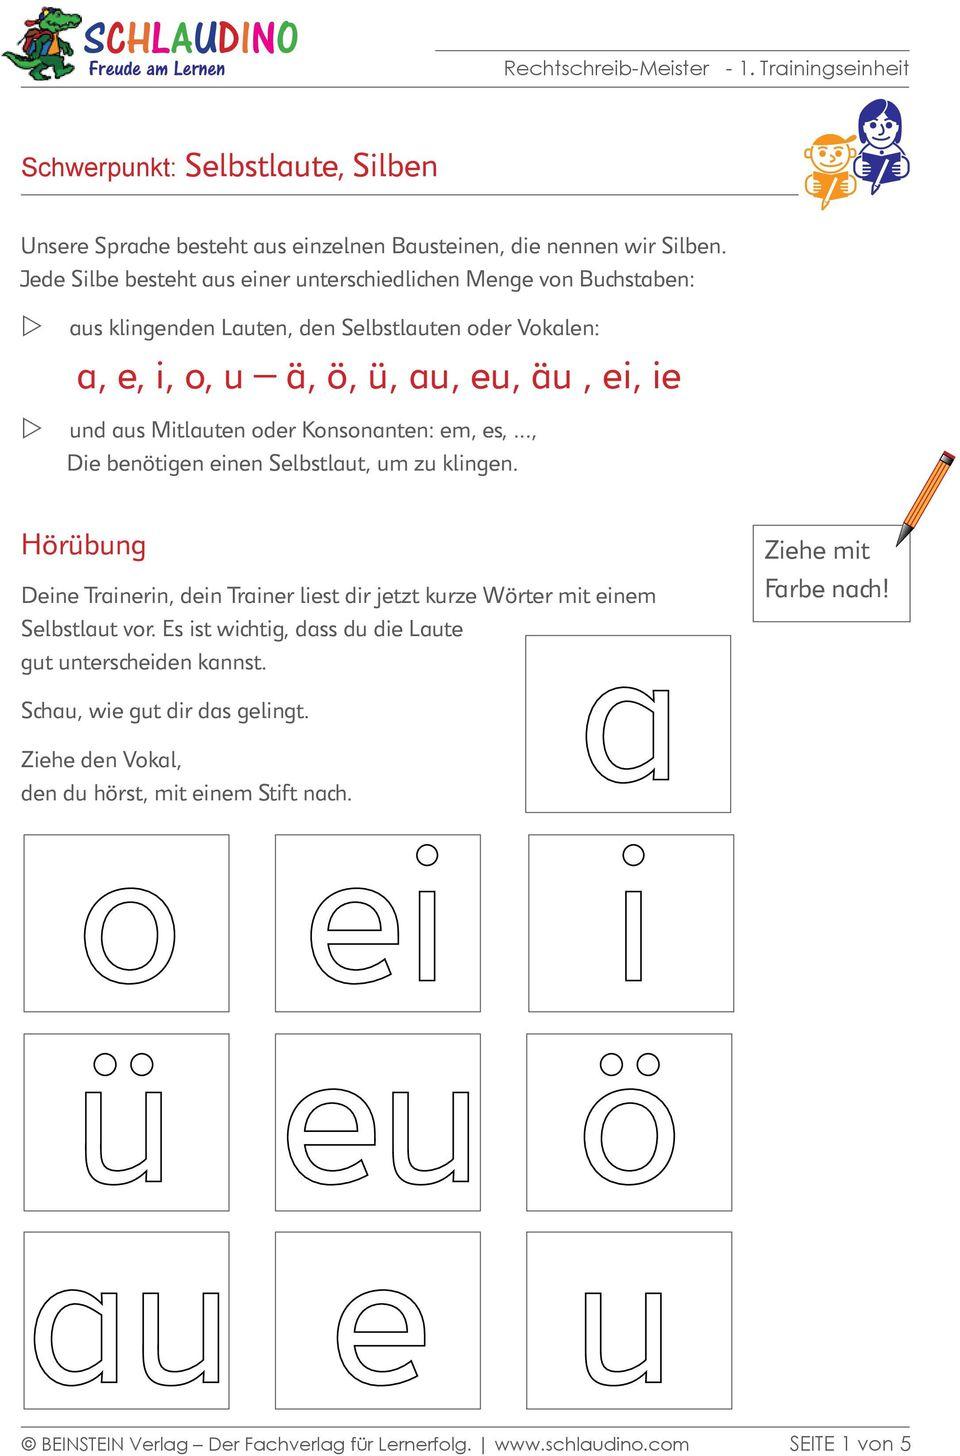 A, E, I, O, U Ä, Ö, Ü, Au, Eu, Äu, Ei, Ie - Pdf Free Download bei Wörter Die Mit Ü Beginnen